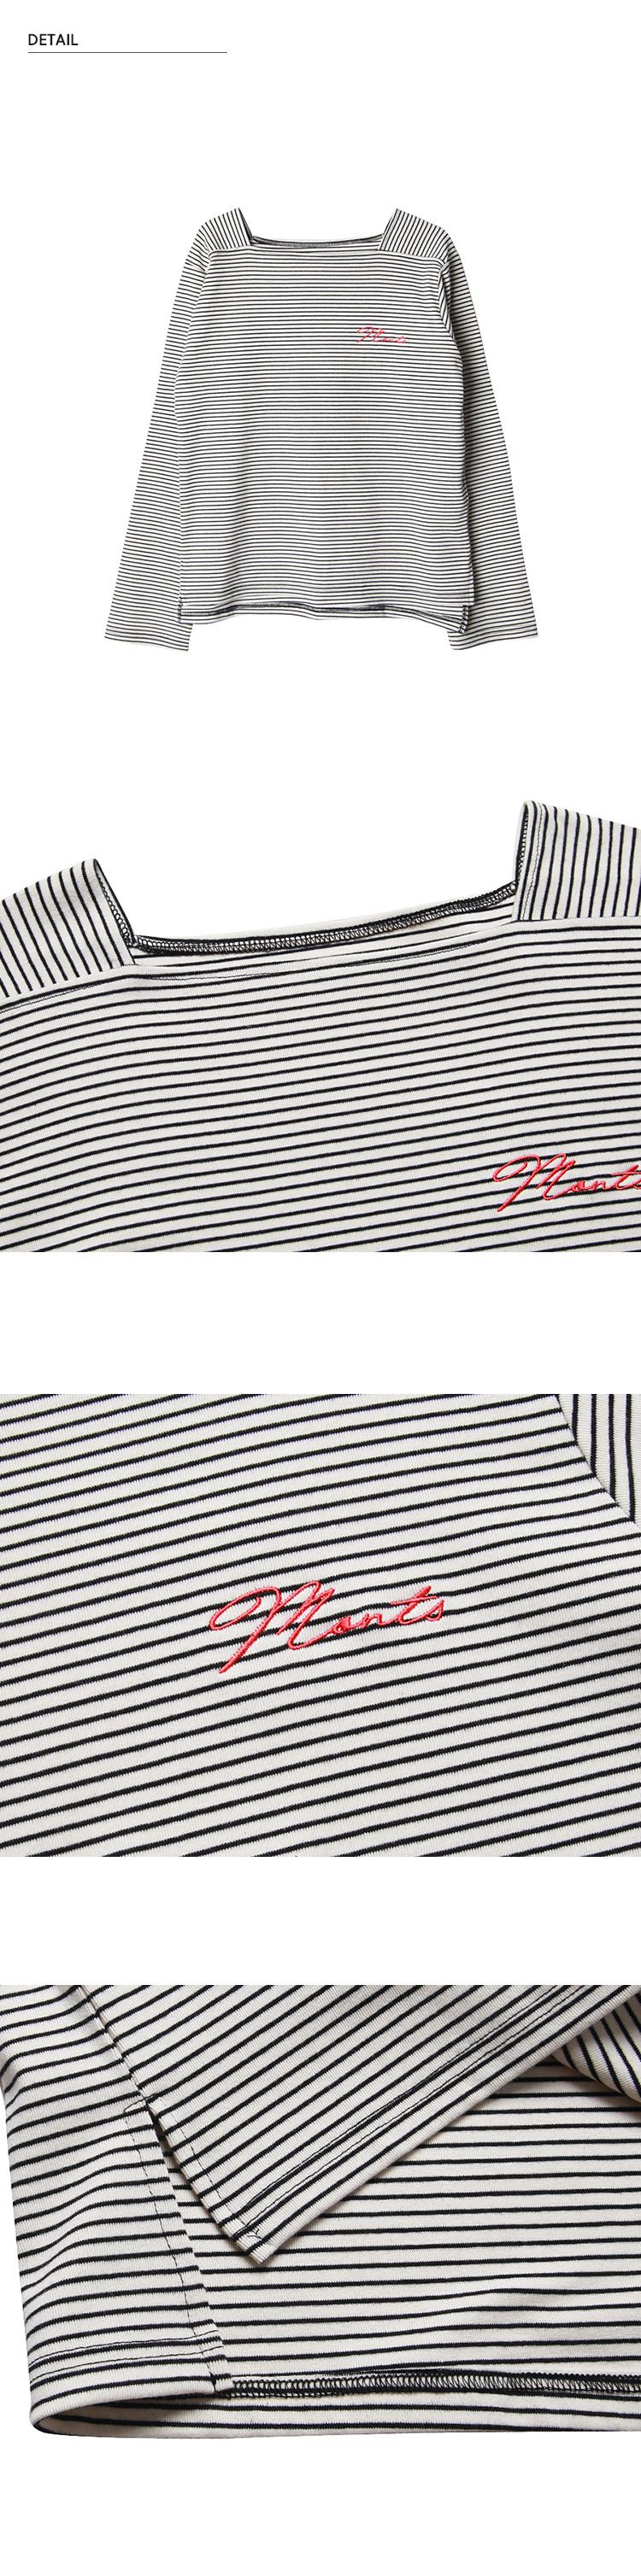 몬츠(MONTS) 867 square-neck striped t-shirt